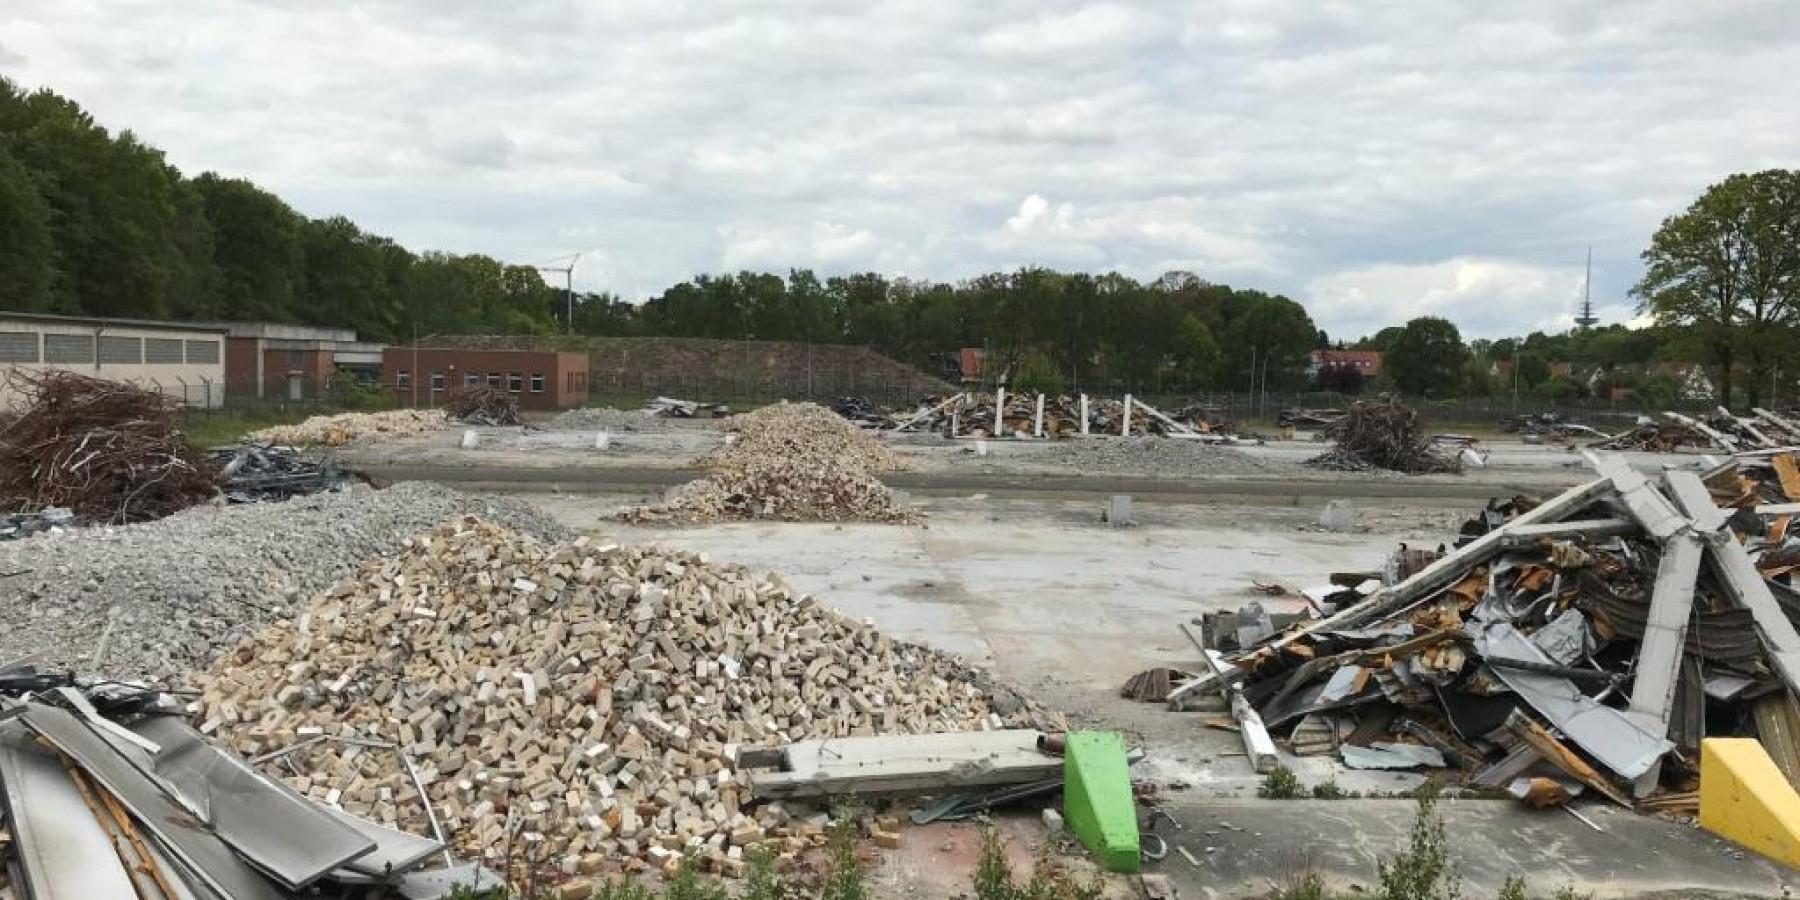 York und Oxford: Das passiert auf den ehemaligen Kasernenflächen